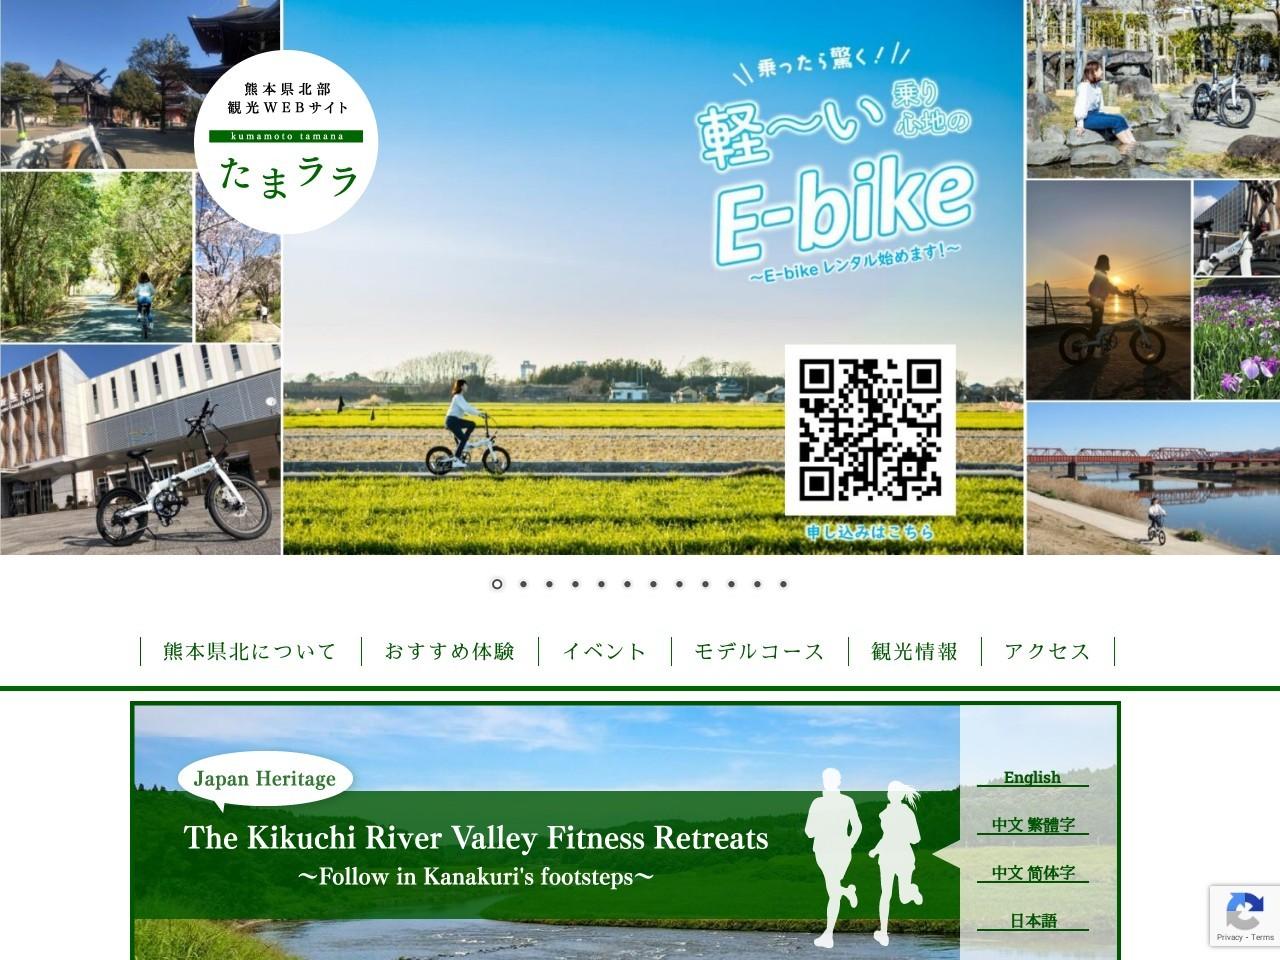 熊本県北部・玉名観光サイト|たまララ